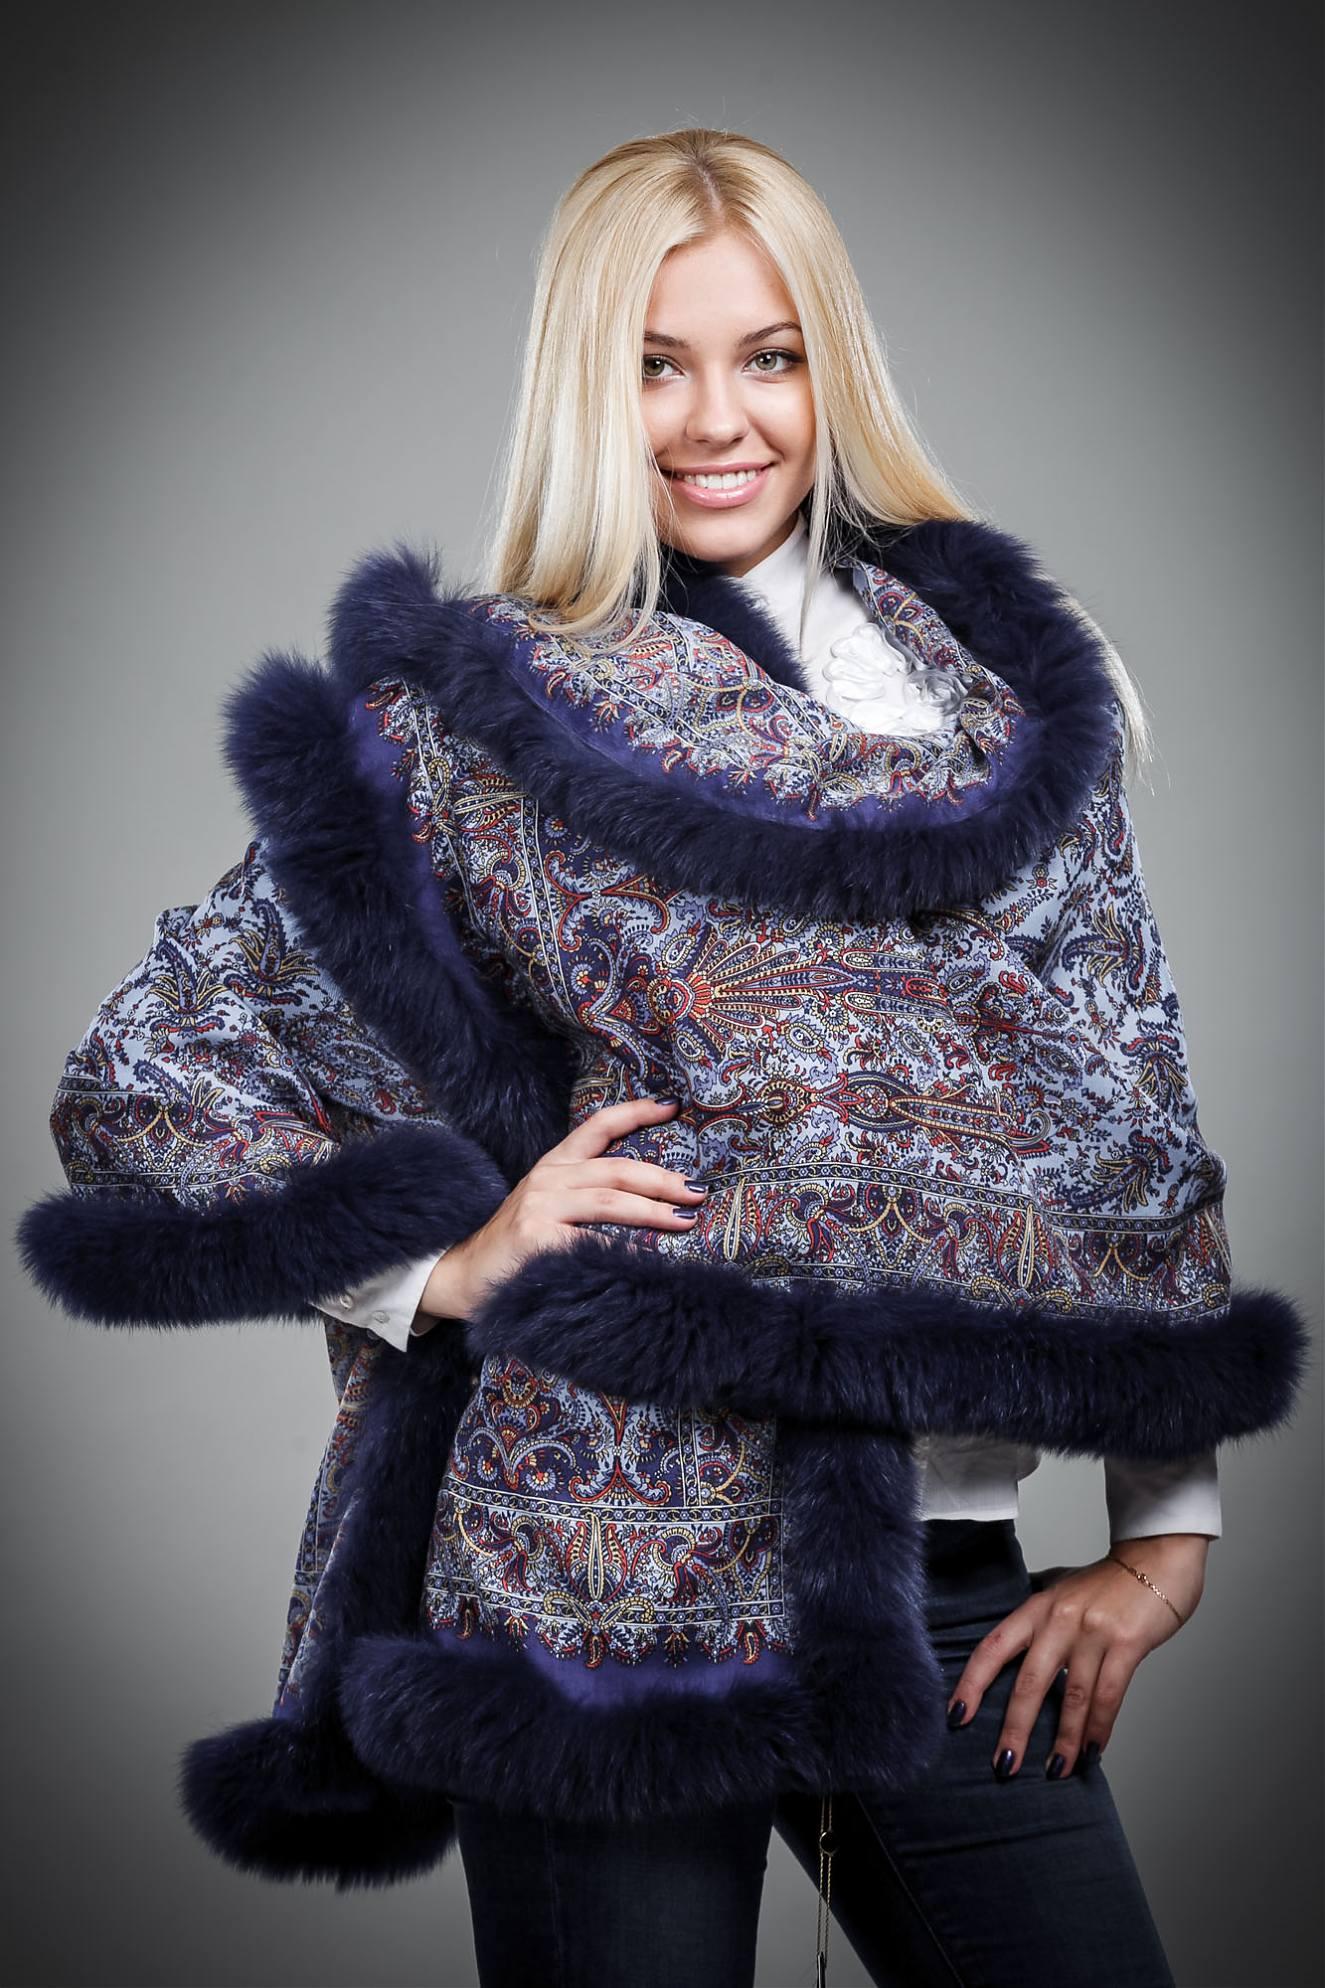 завязать павлопосадский платок поверх пальто